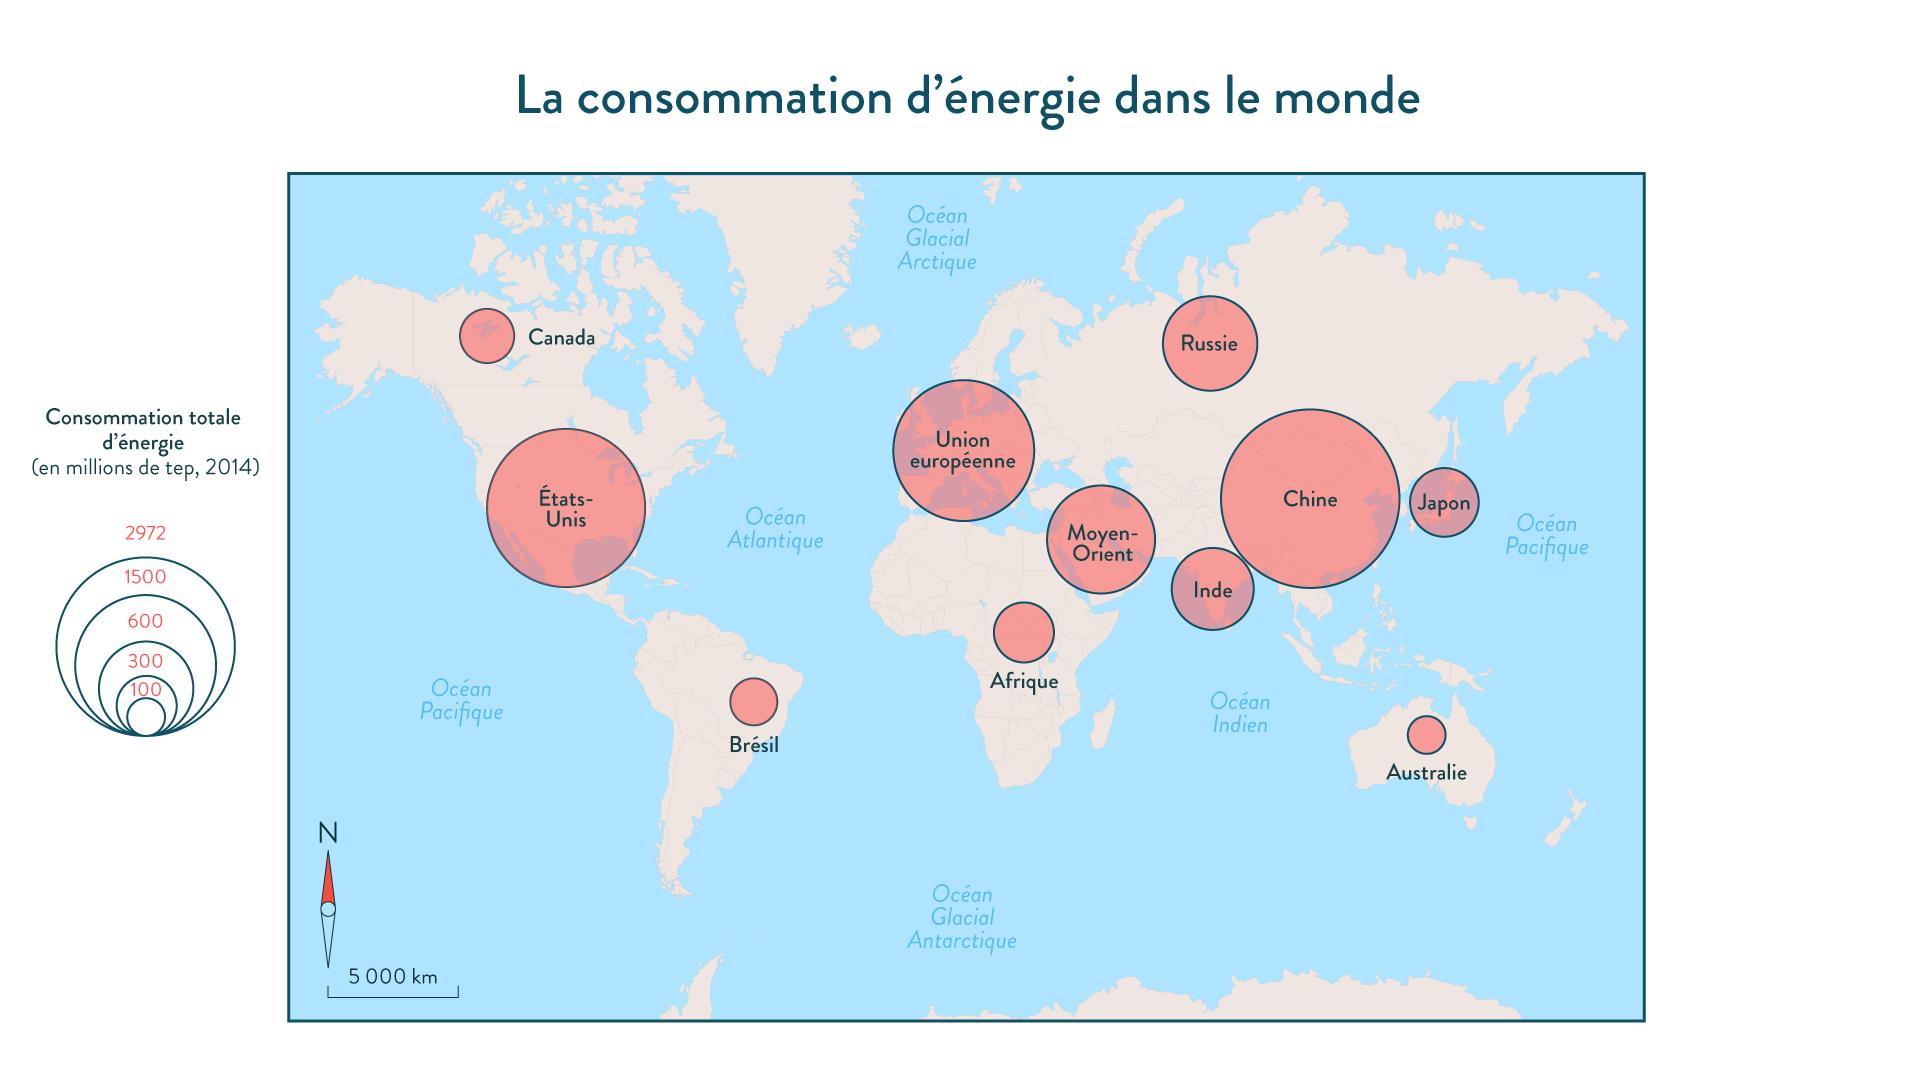 La consommation d'énergie dans le monde géographie cinquième